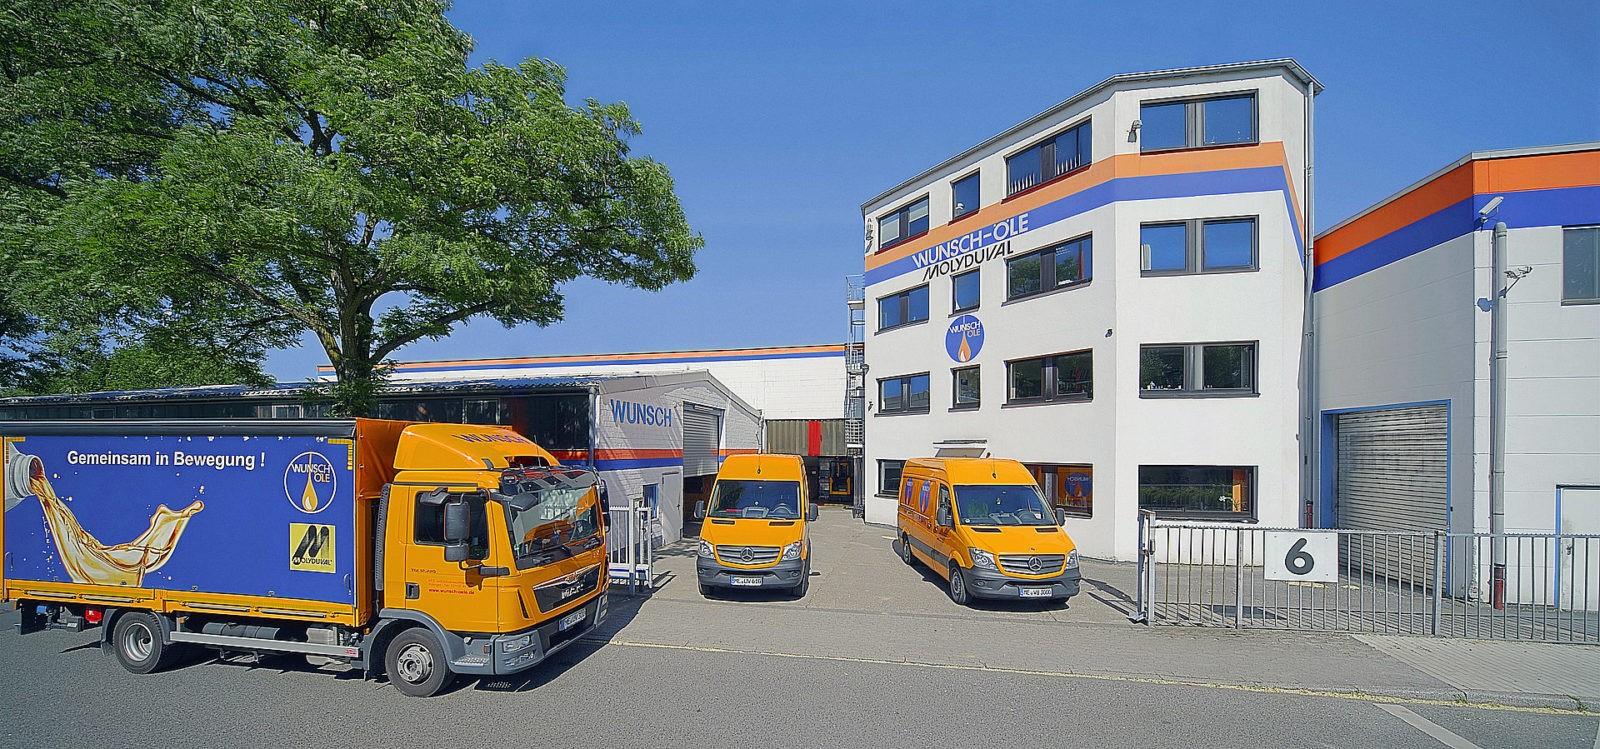 Enfassung nach der Retusche: Firmensitz der Wunsch Öle GmbH in Ratingen, störende Objekte wurde durch die Bildbearbeitung entfernt